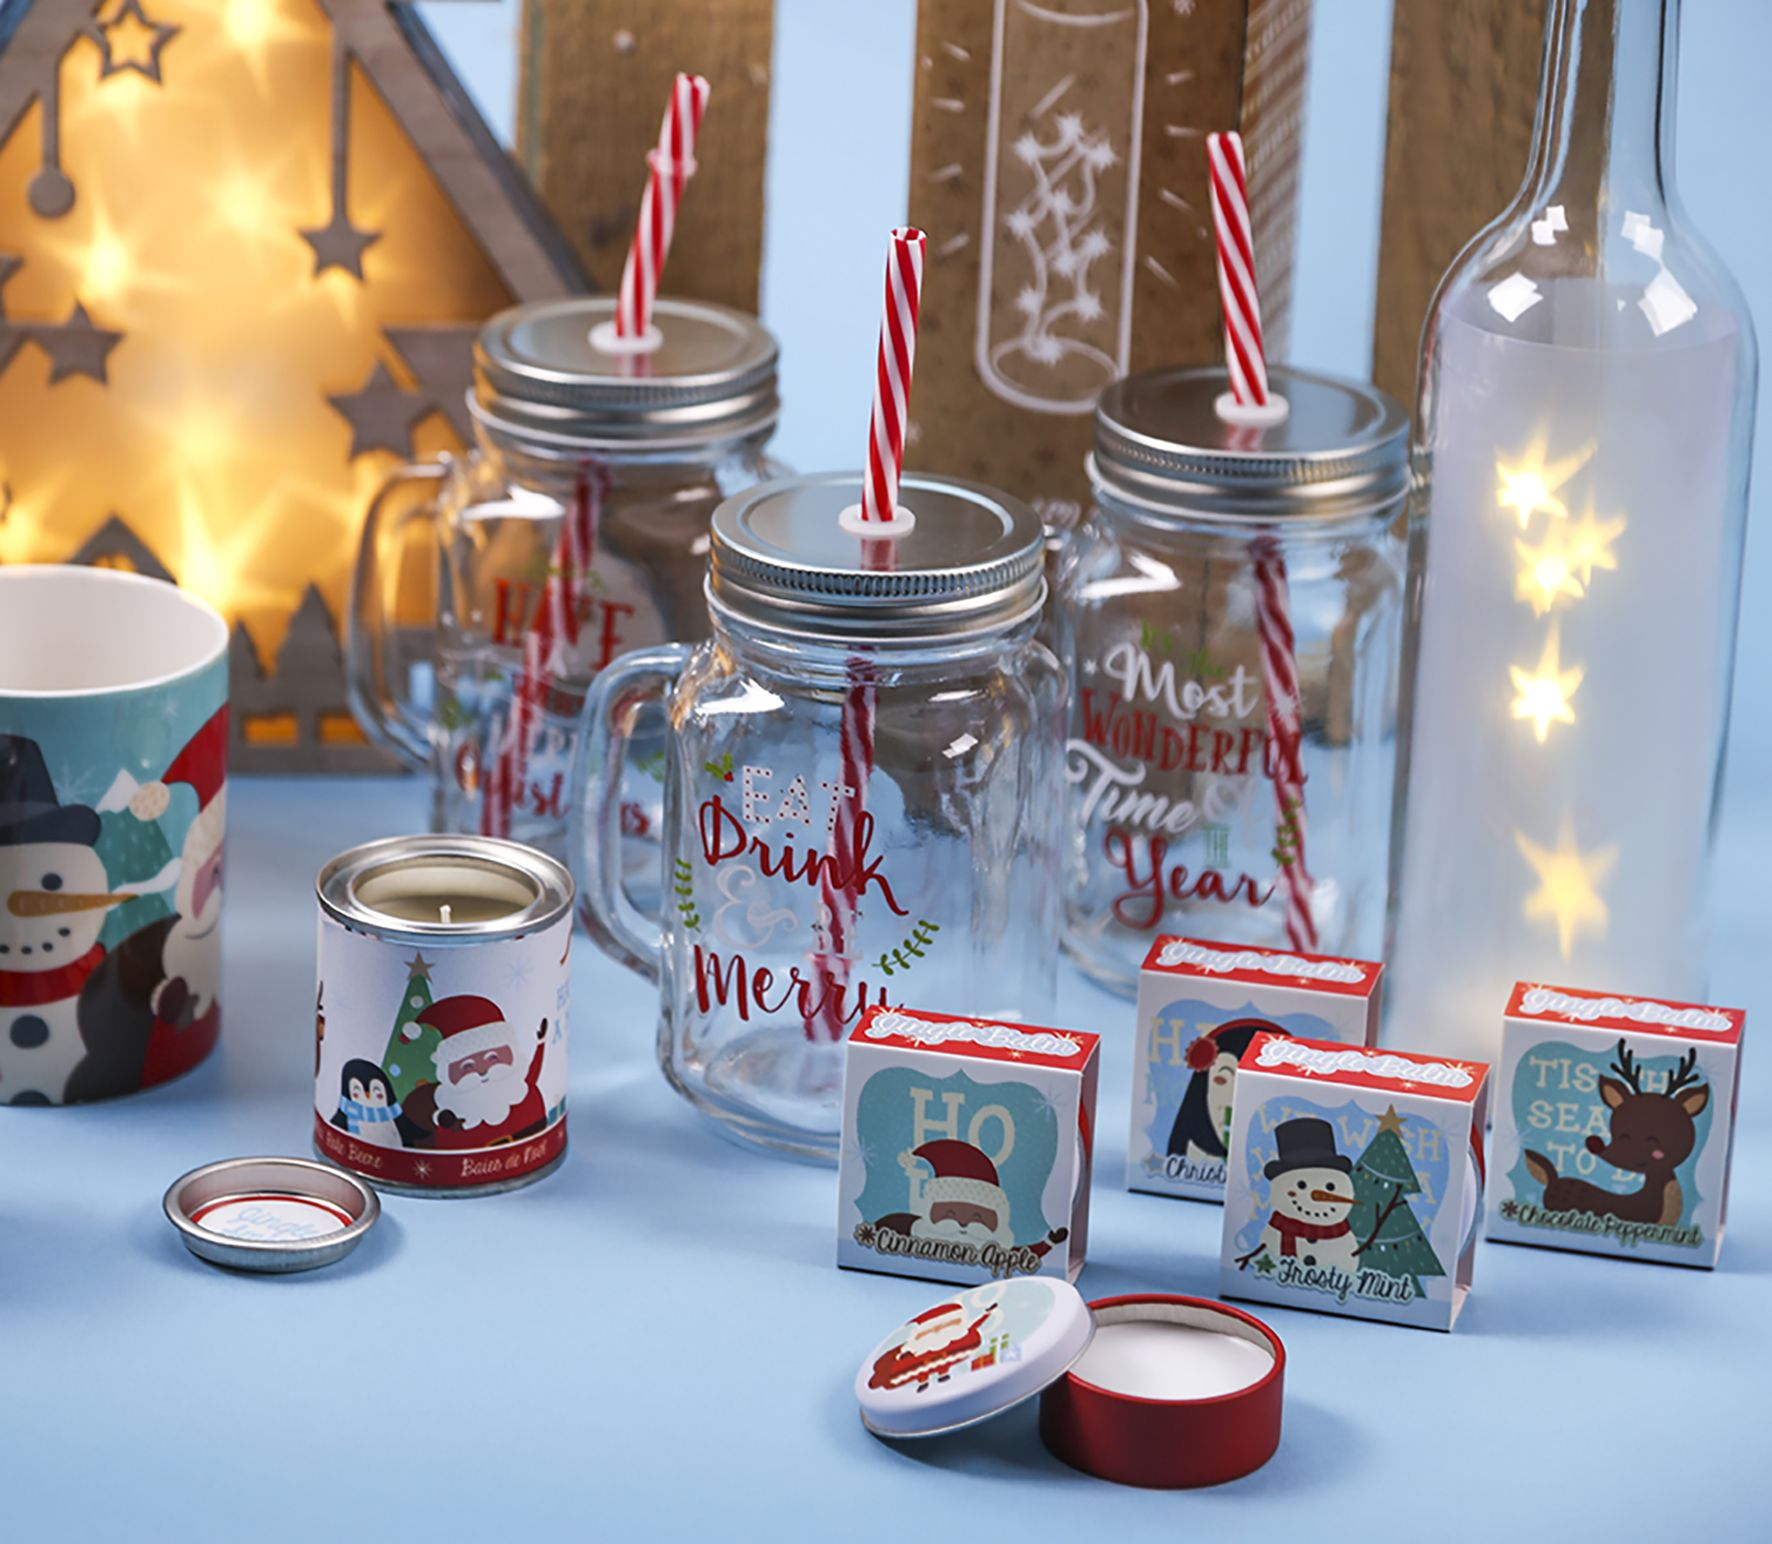 Vánoční doplňky, dekorace, svíčky a balzámy na rty. #vánoce #dekorace #chritmas #homedecor #accessories